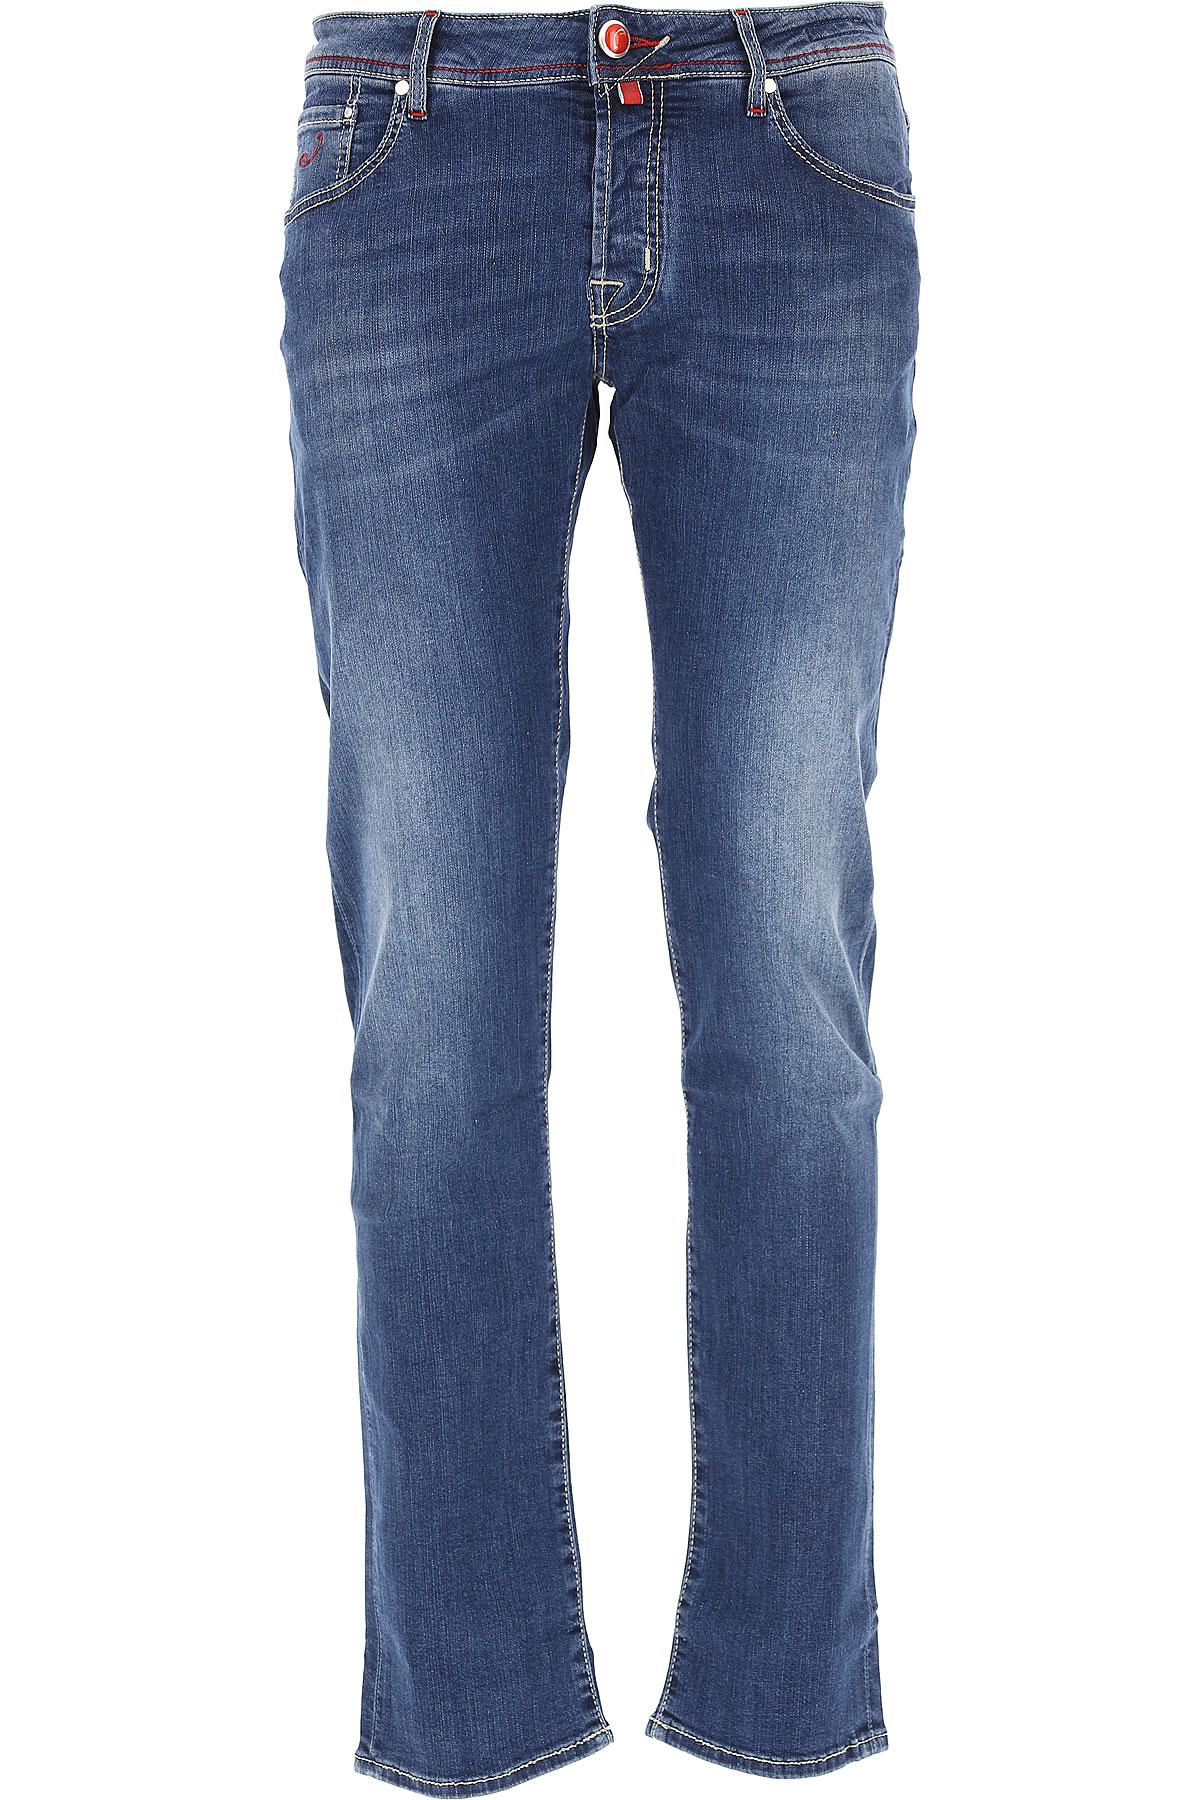 Jacob Cohen Jeans On Sale, Denim Blue, Cotton, 2017, 31 32 33 34 35 38